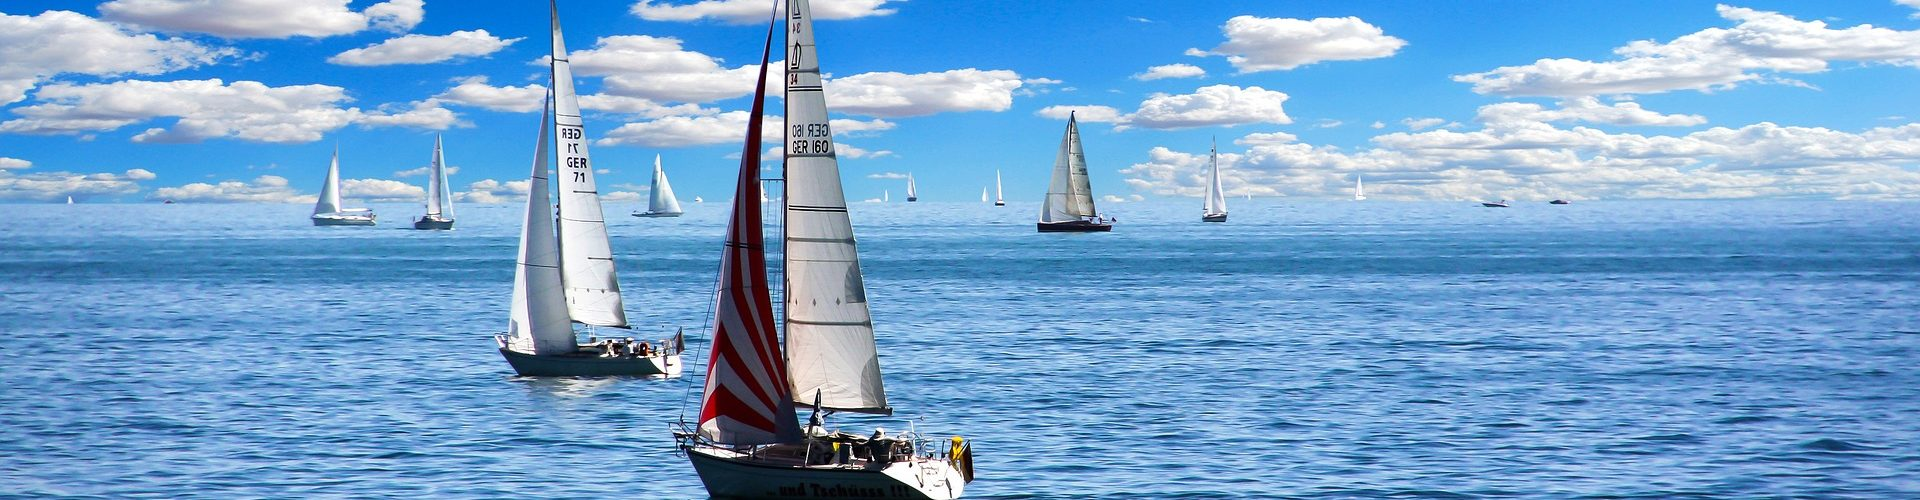 segeln lernen in Stendal segelschein machen in Stendal 1920x500 - Segeln lernen in Stendal